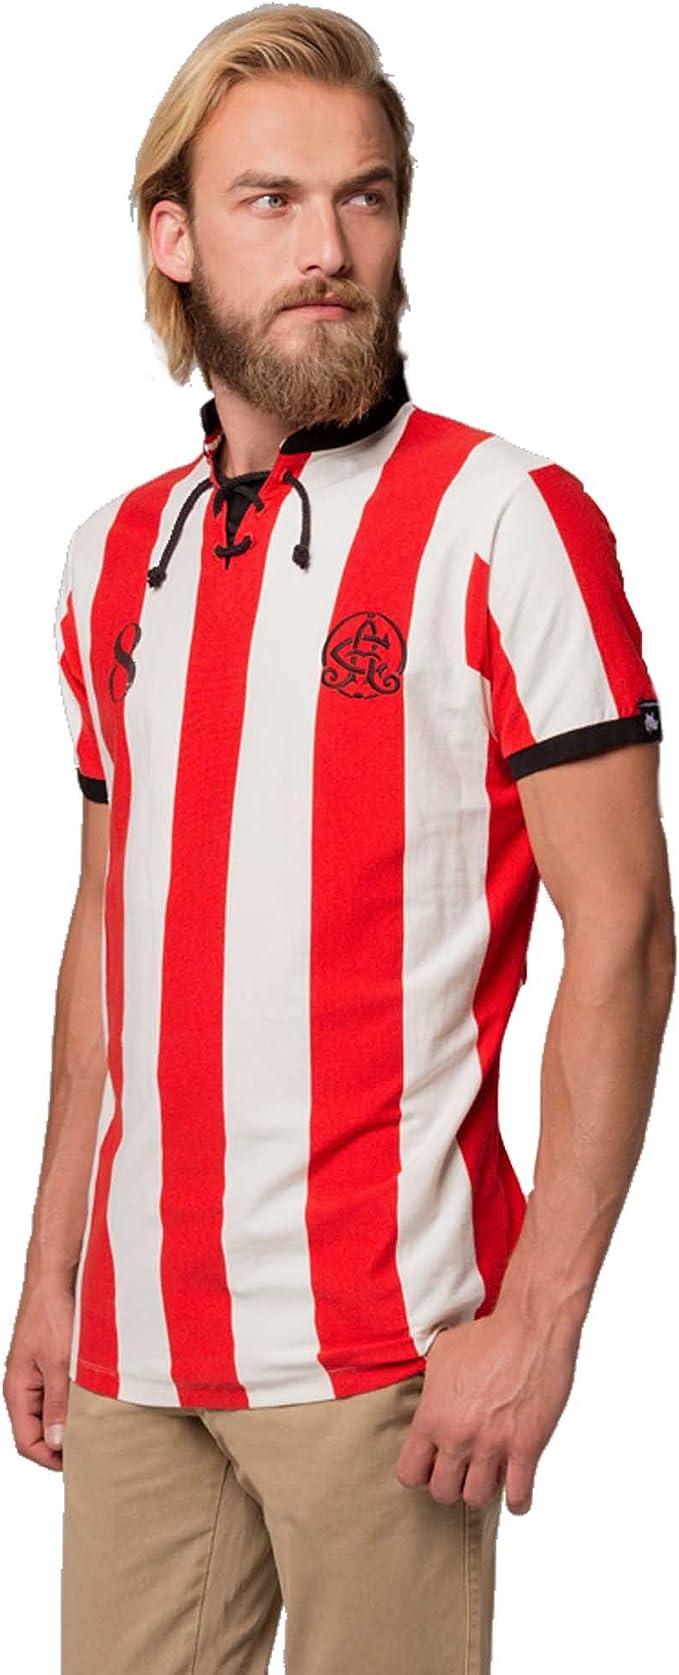 Coolligan 1898 Leones Camiseta, Multicolor, (Tamaño del Fabricante ...